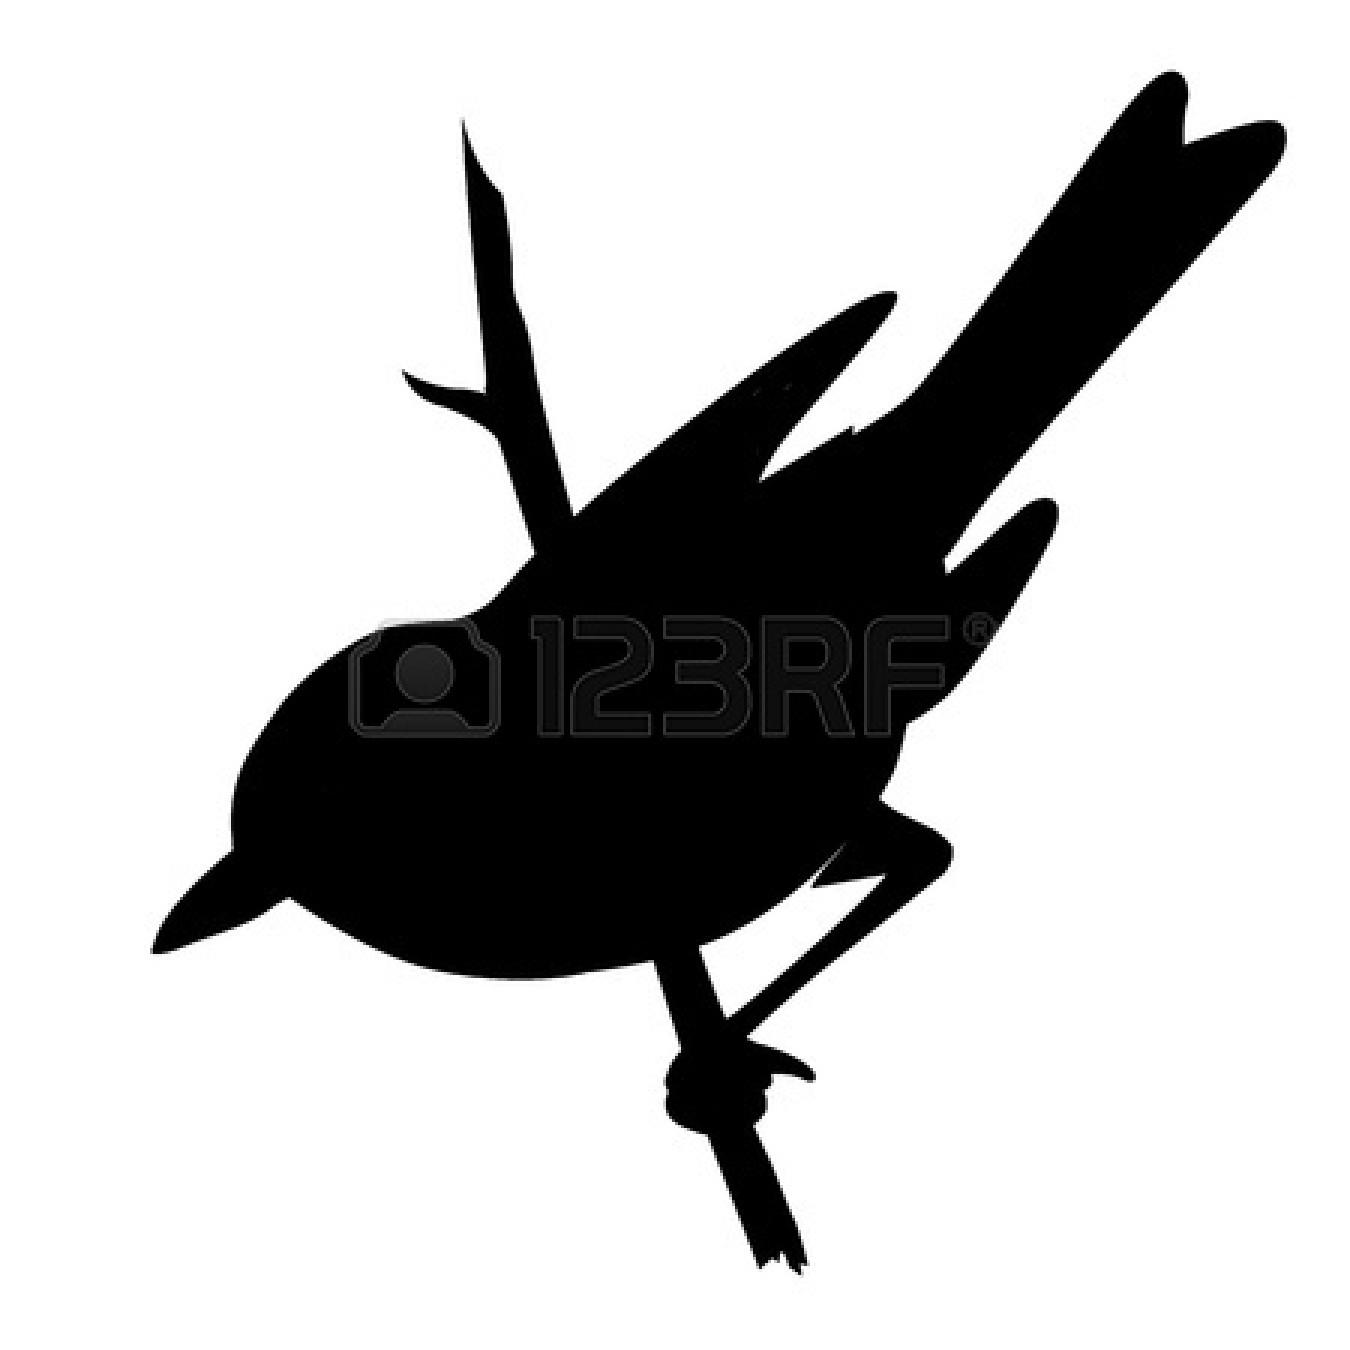 Grasshopper silhouette clipart panda free clipart images - 123rf image gratuite ...